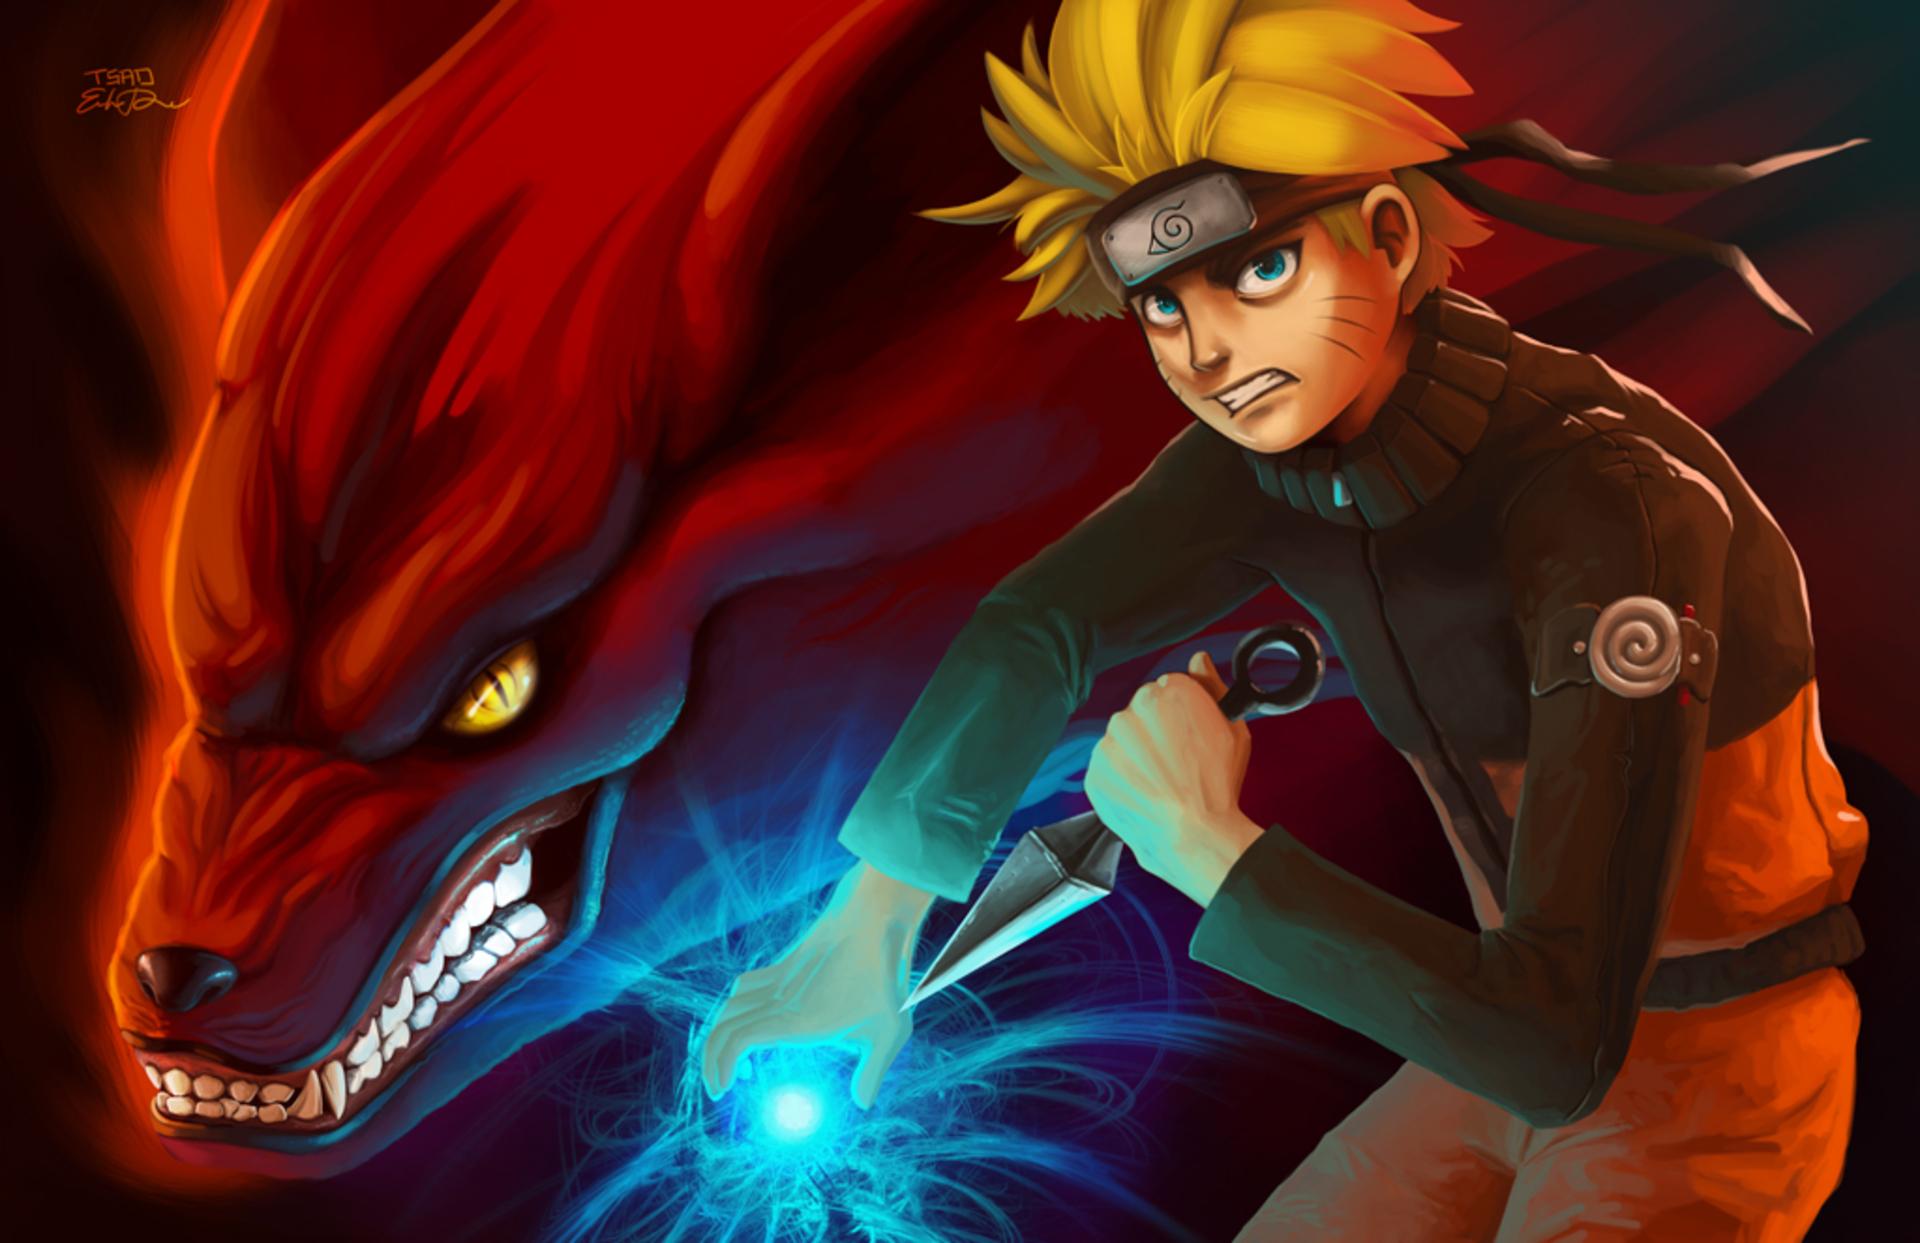 Naruto Anime 2019 Wallpaper, HD Anime 4K Wallpapers ...